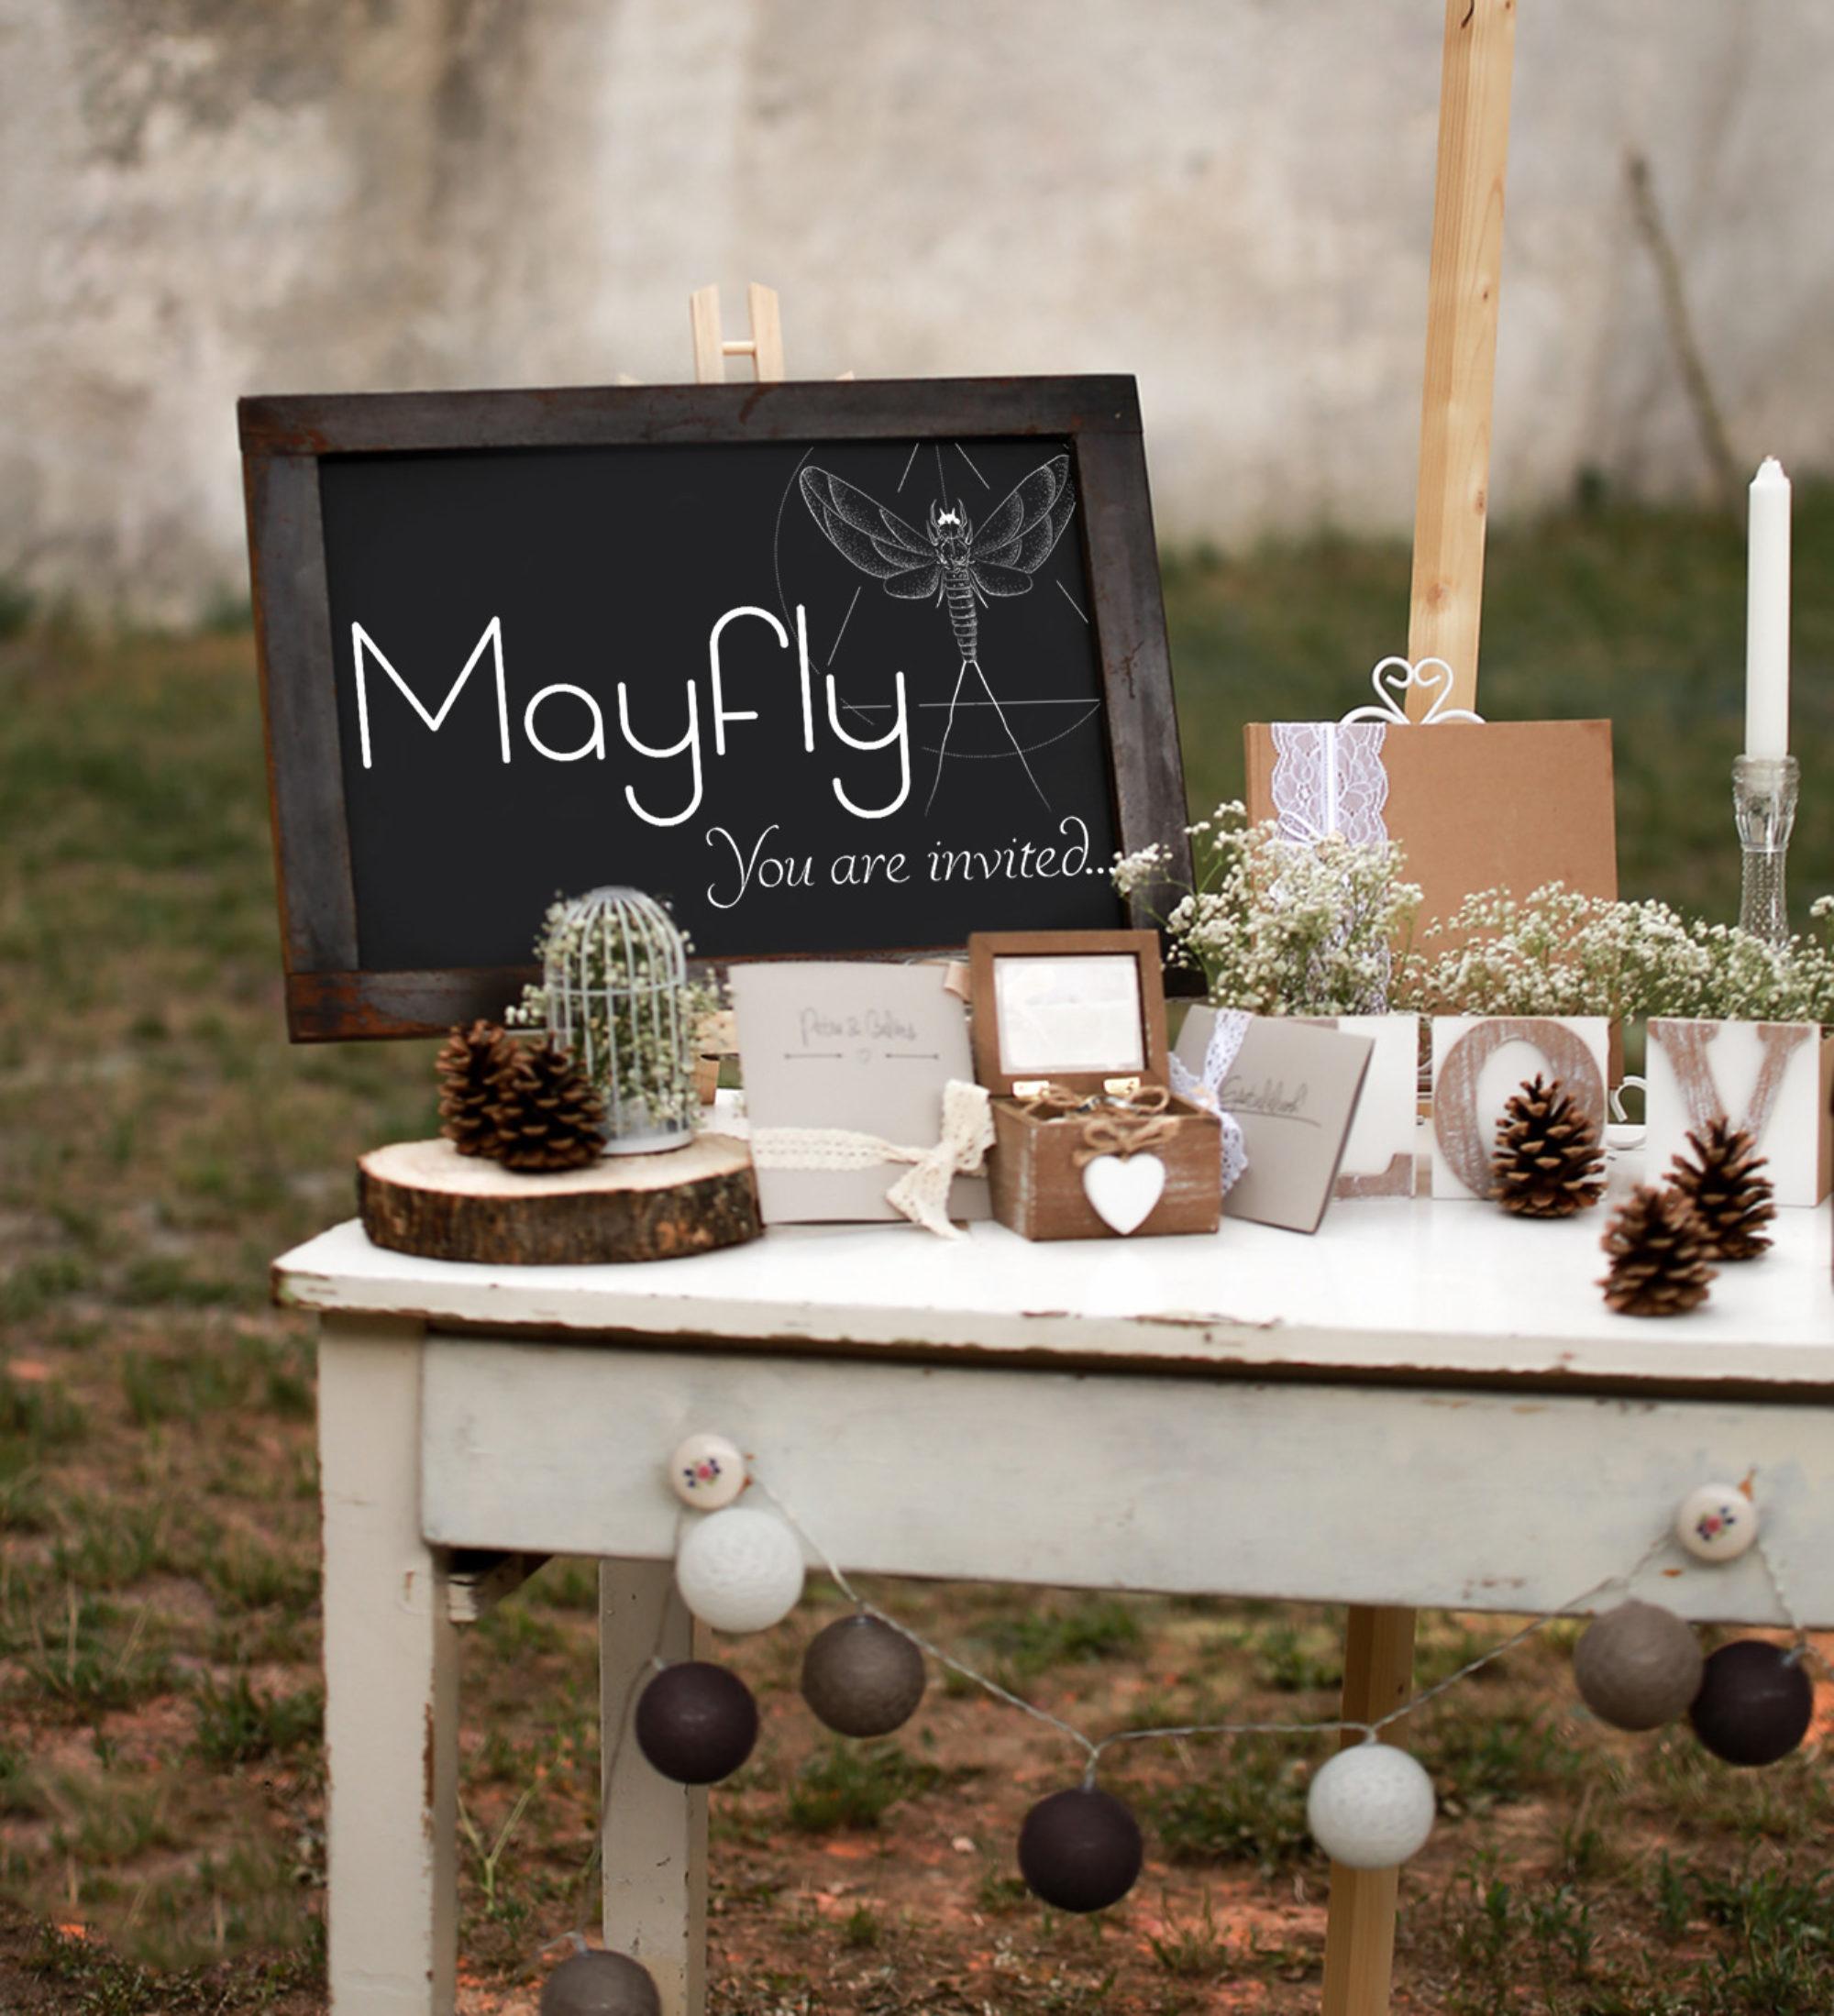 Esküvői meghívó és dekoráció